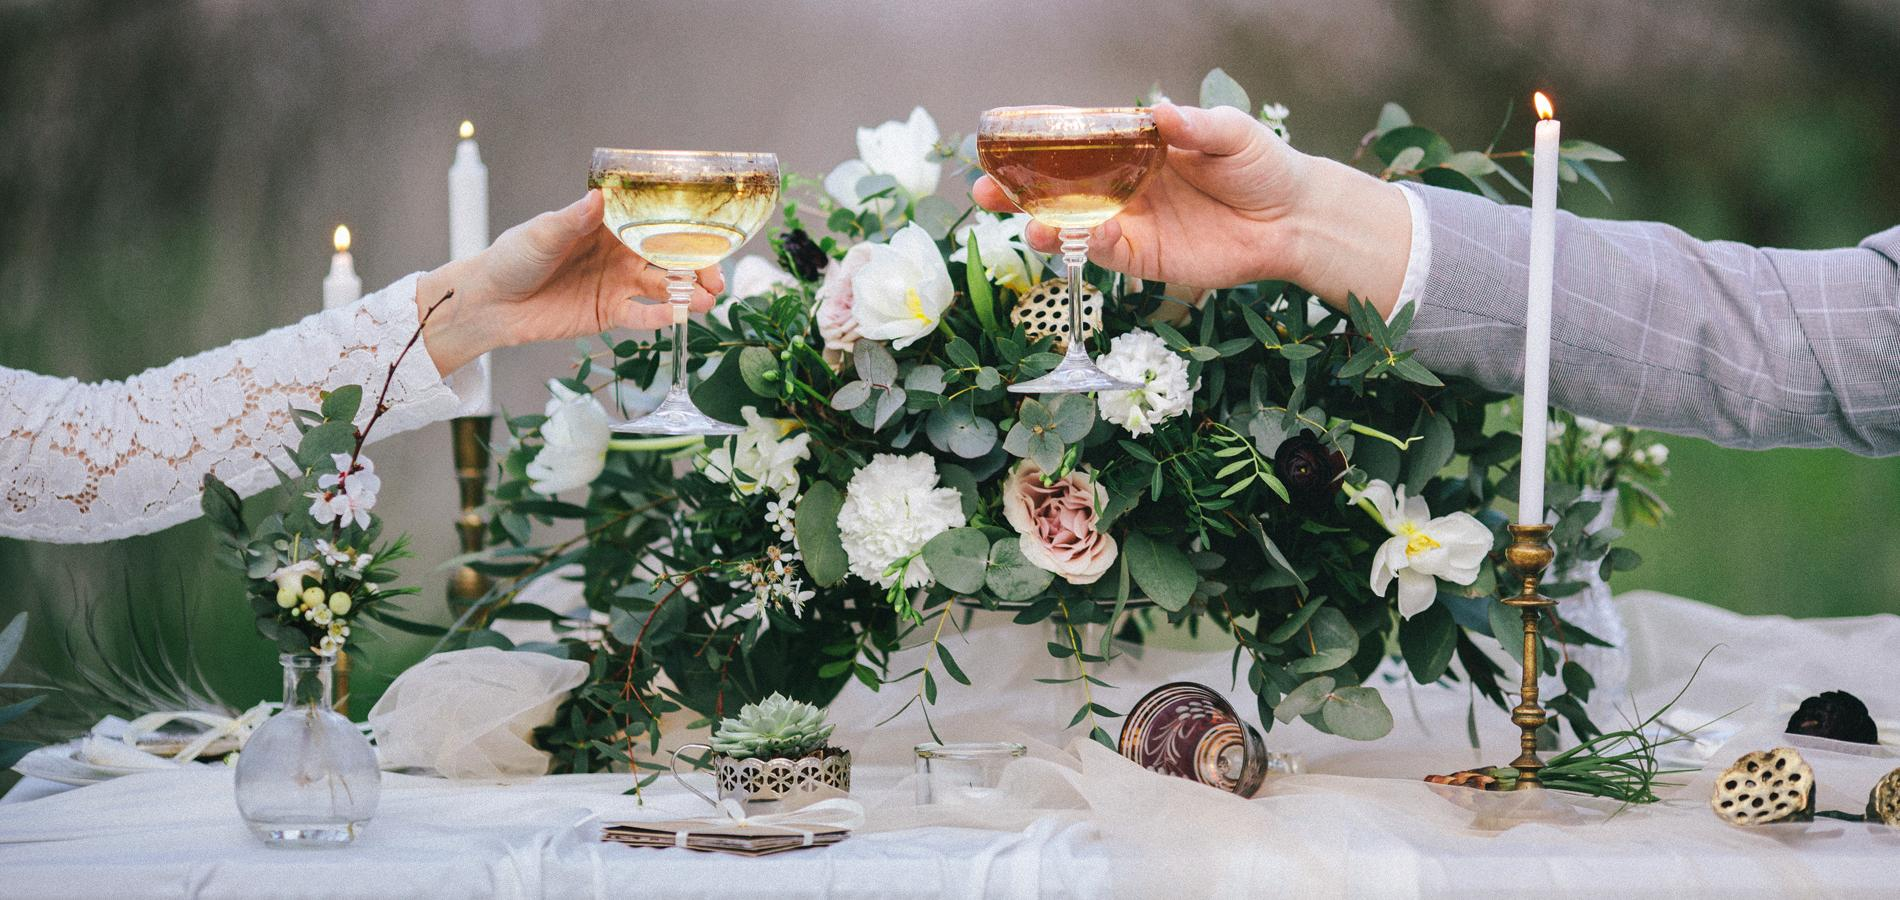 Le calendrier des salons du mariage alternatifs madame - Salon du mariage oriental paris 2015 ...